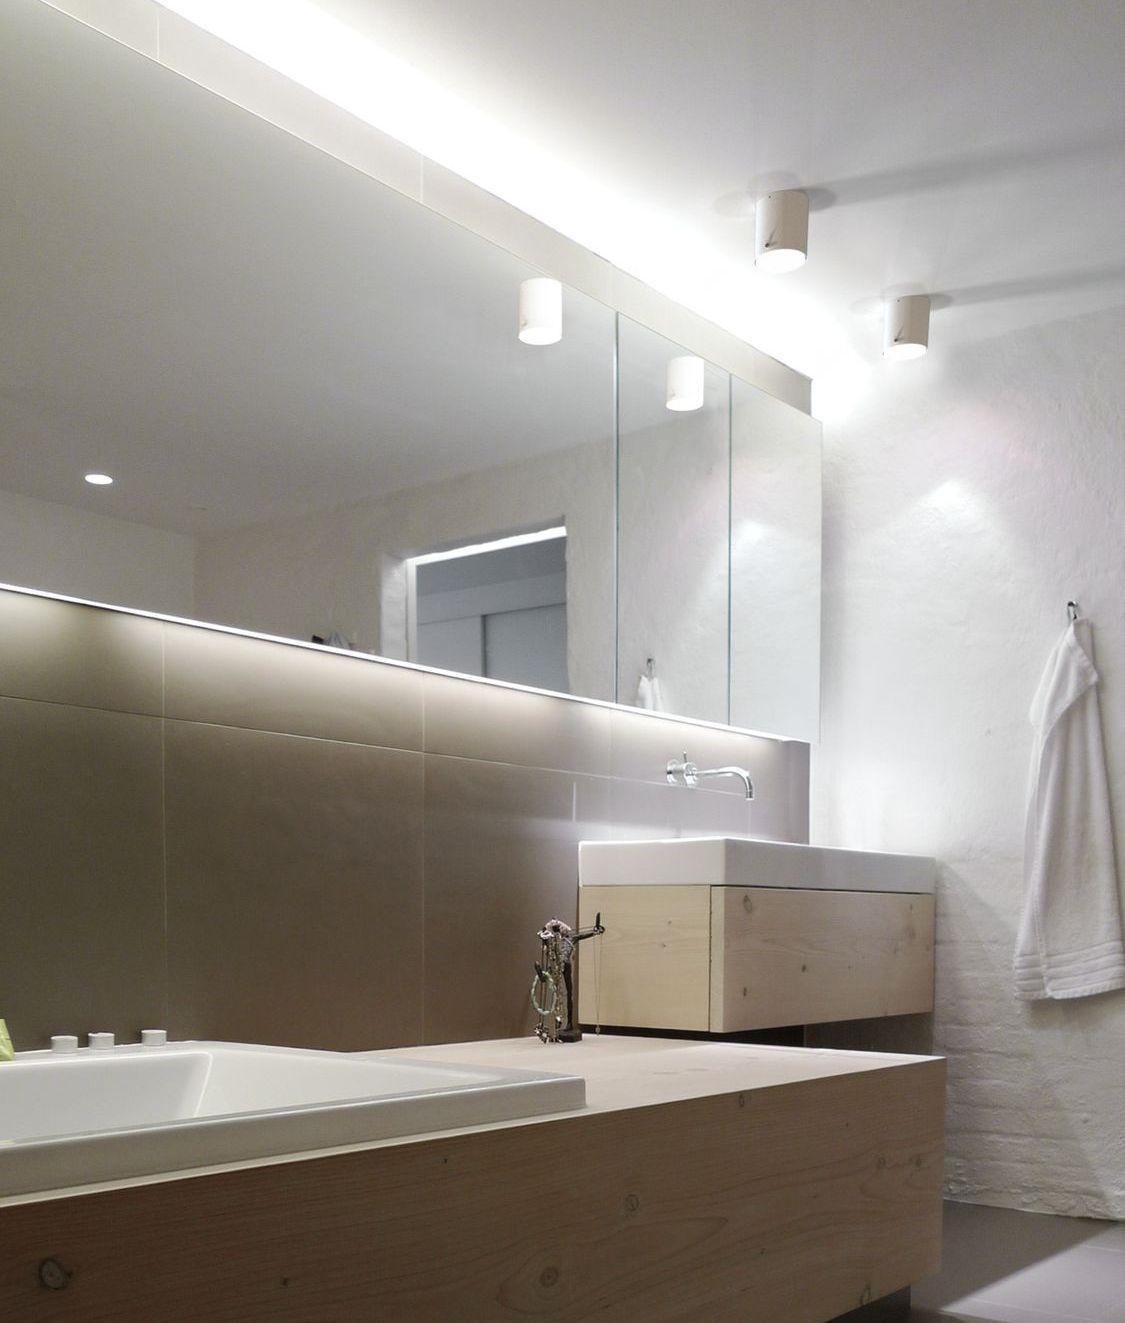 Bathroom Surface Mounted Spotlight  Adjustable